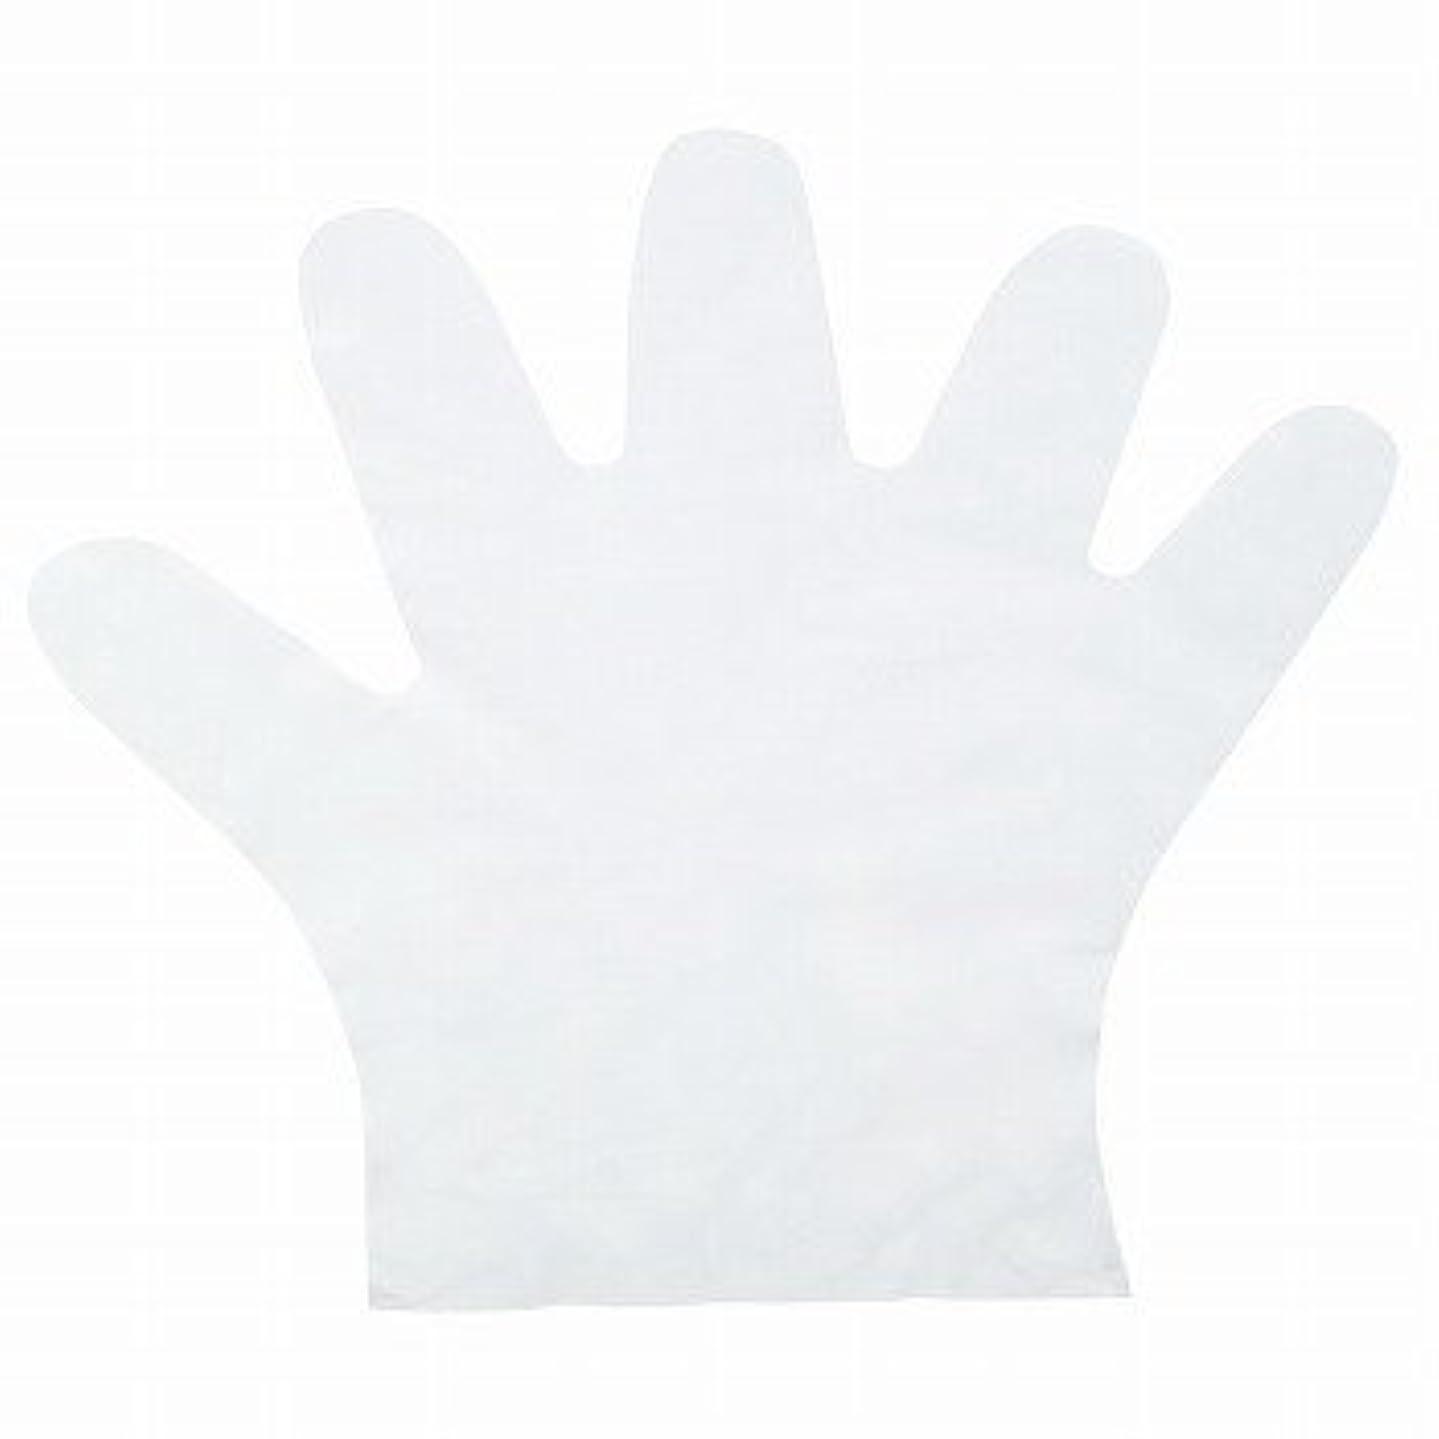 ぐるぐるマニフェスト隔離おたふく手袋/ポリエチディスポ(LD) 100枚入×50セット[総数5000枚]/品番:248 サイズ:L